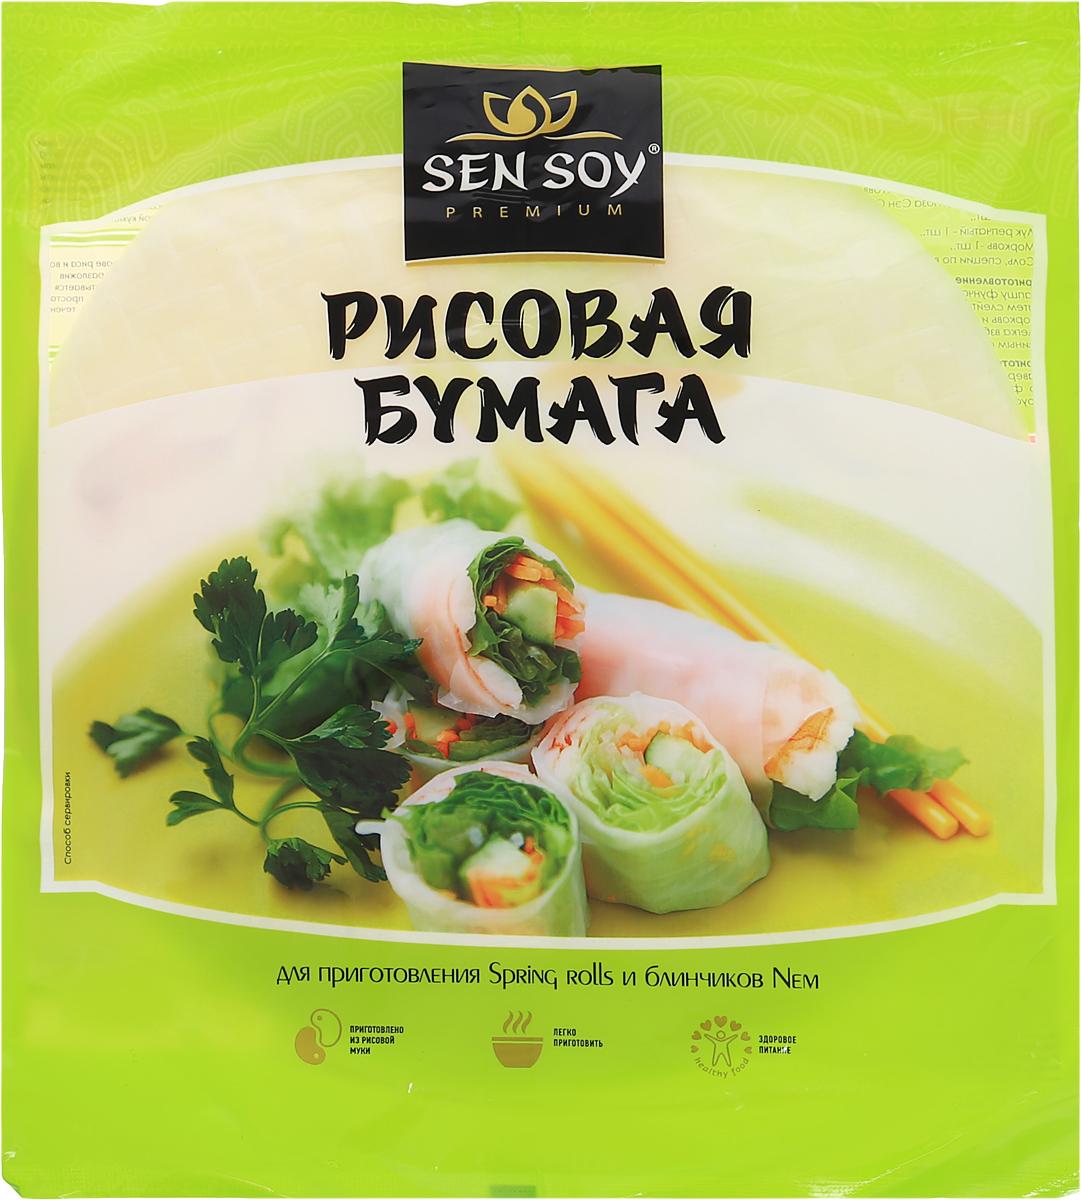 Sen Soy Рисовая бумага, 100 г4607041133771Рисовая бумага Sen Soy Premium готовится из теста на основе риса и воды, с добавлением соли. Готовые листы сушат на солнце, разложив на бамбуковых циновках, характерный рисунок от которых отпечатывается на каждом листе. Хрупкая и ломкая в сухом виде, она очень проста в приготовлении – достаточно размочить листы в холодной воде в течение минуты и можно смело заворачивать начинку в ролл. Рисовая бумага – уникальный диетический продукт, который не содержит жиров и сахара. Обогащенная клетчаткой, она также служит незаменимым источником полезных углеводов и является важным источником нескольких витаминов группы В.Упаковка может иметь несколько видов дизайна. Поставка осуществляется в зависимости от наличия на складе.Лайфхаки по варке круп и пасты. Статья OZON Гид